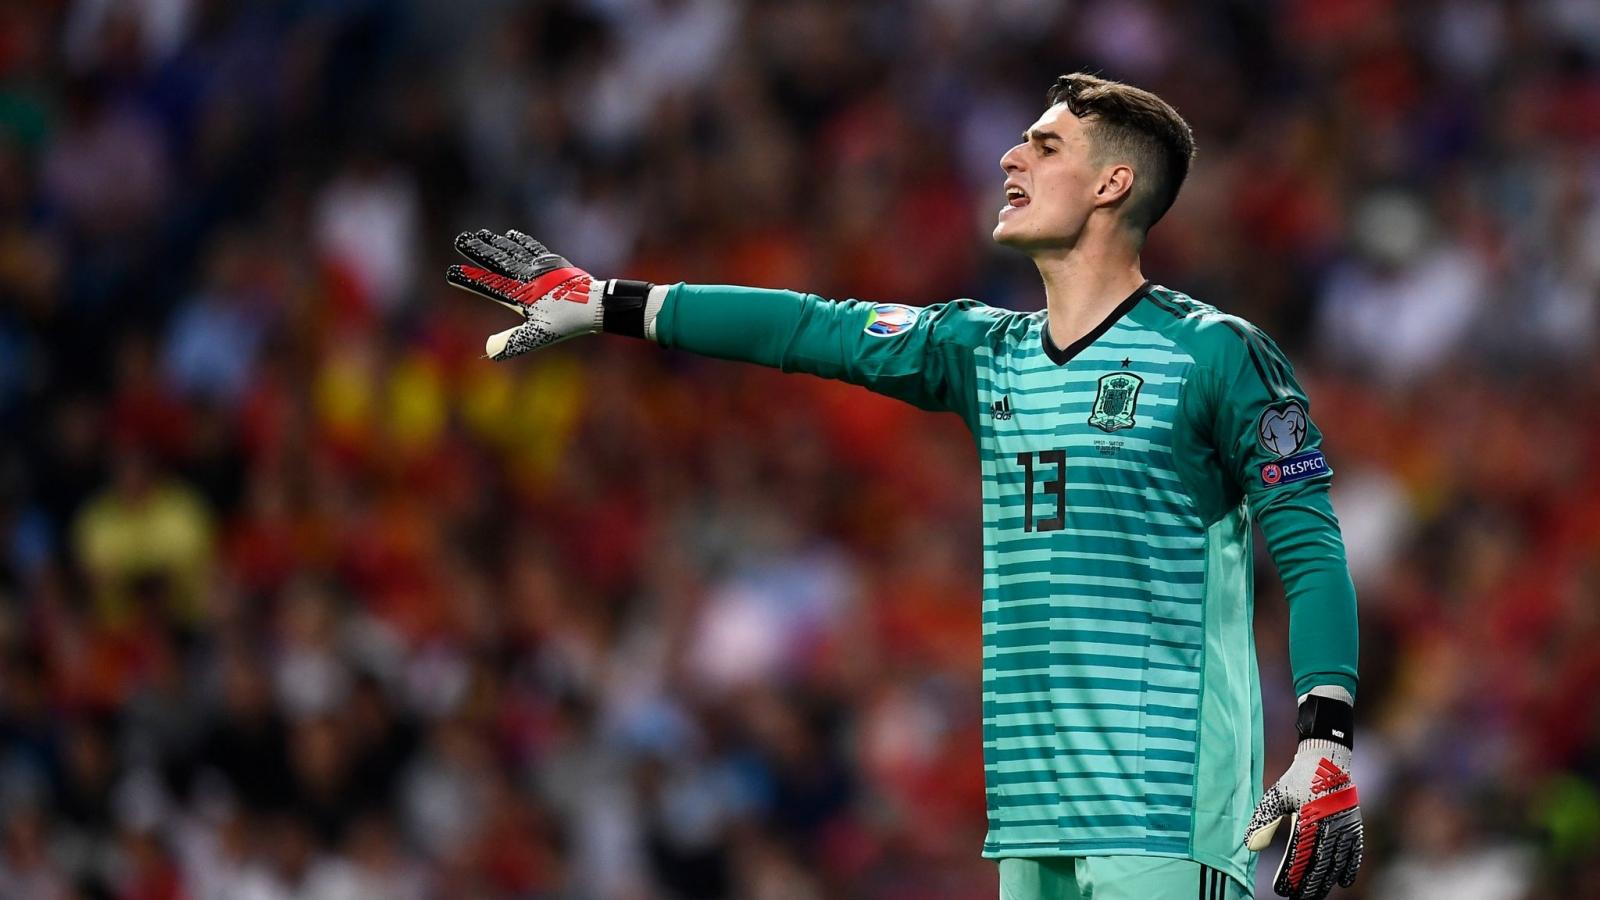 Đội hình dự kiến của Tây Ban Nha trước Đức: De Gea ngồi dự bị cho Kepa?